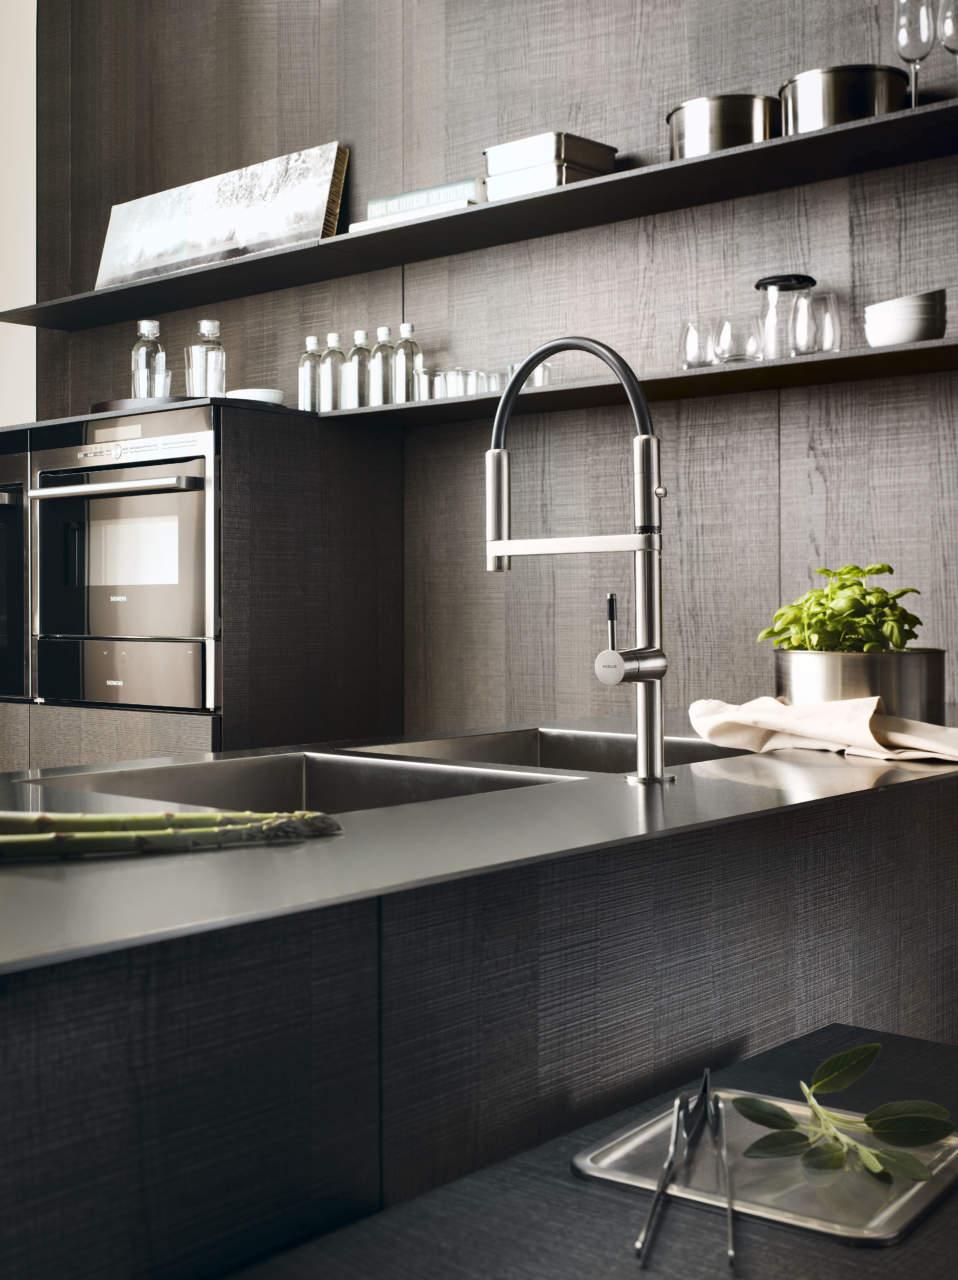 Nuovi miscelatori da cucina nobili rubinetterie by meneghello paolelli - Rubinetteria bagno nera ...